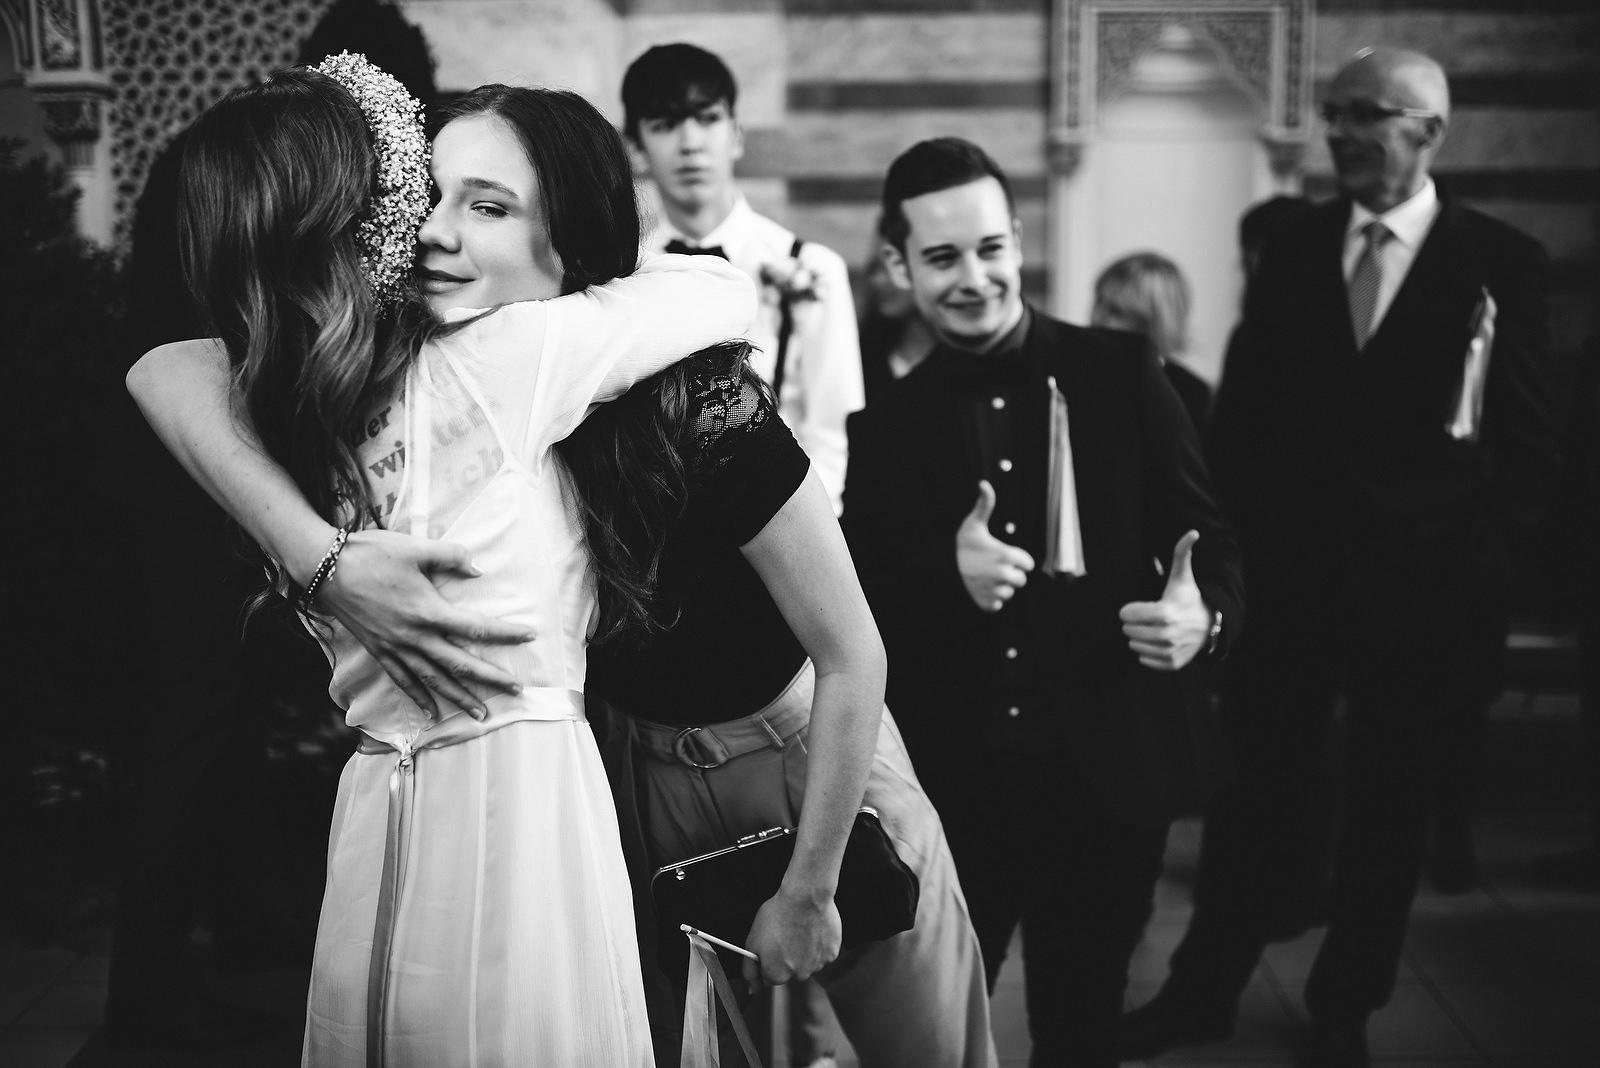 Fotograf Konstanz - Hochzeitsfotograf Stuttgart Esslingen Hochzeit 22 - Wedding with moorish ambience in the Wilhelma in Stuttgart  - 21 -